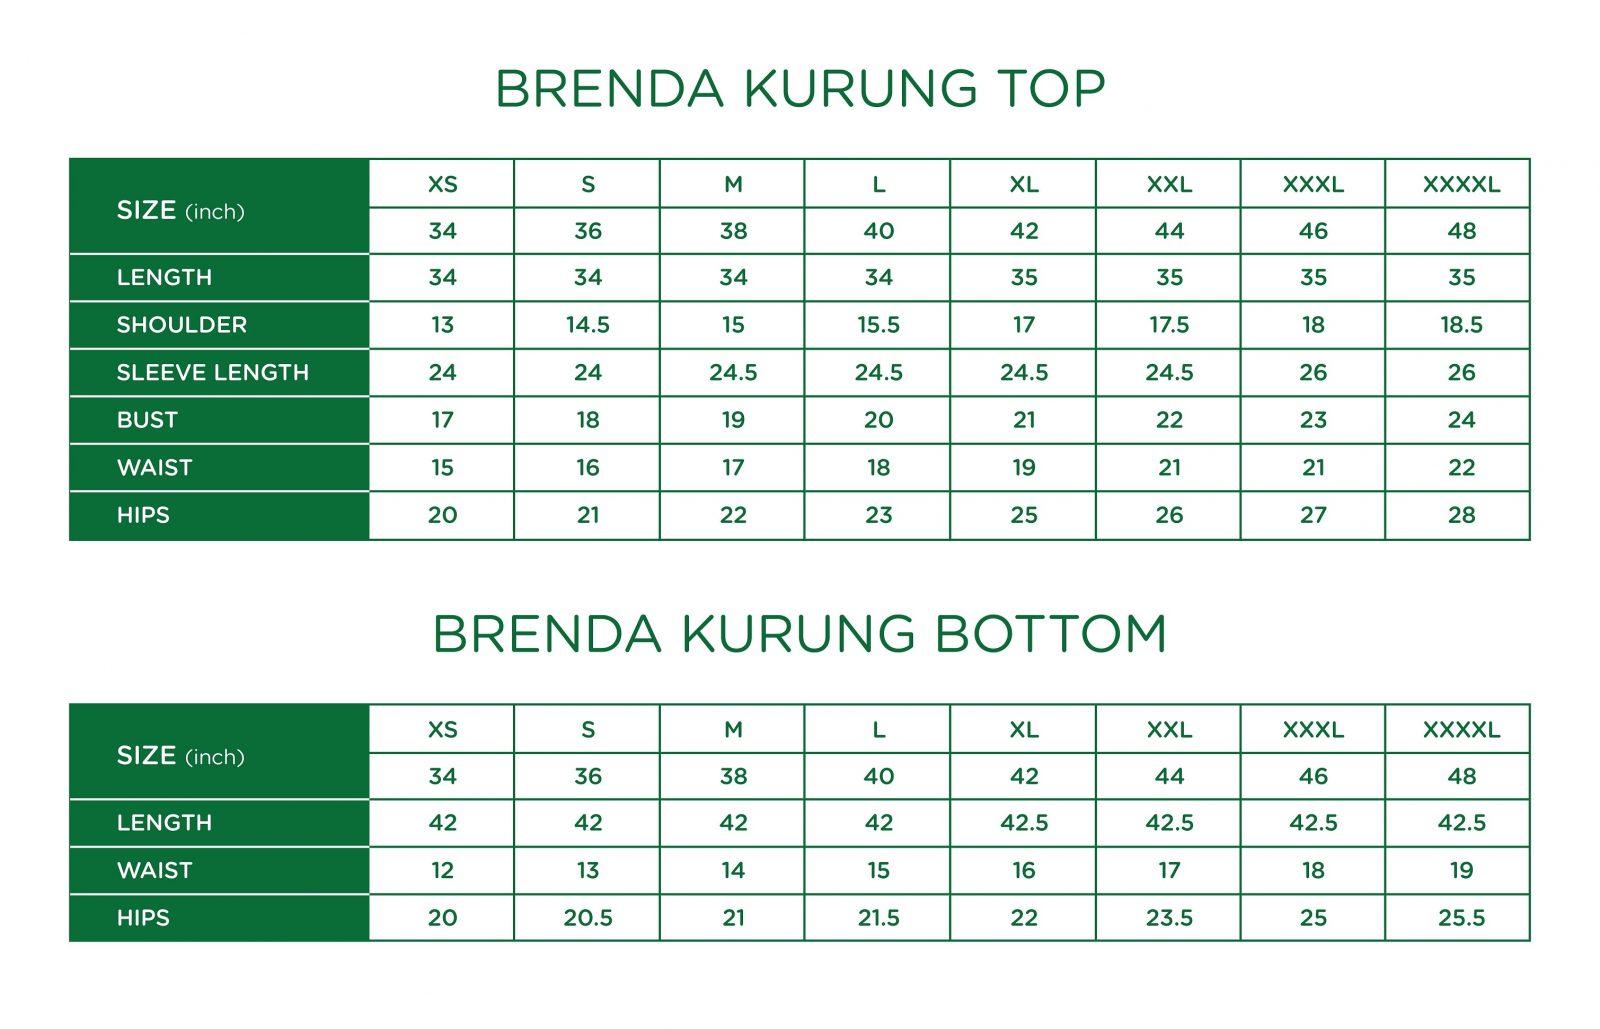 Brenda Kurung Size Chart